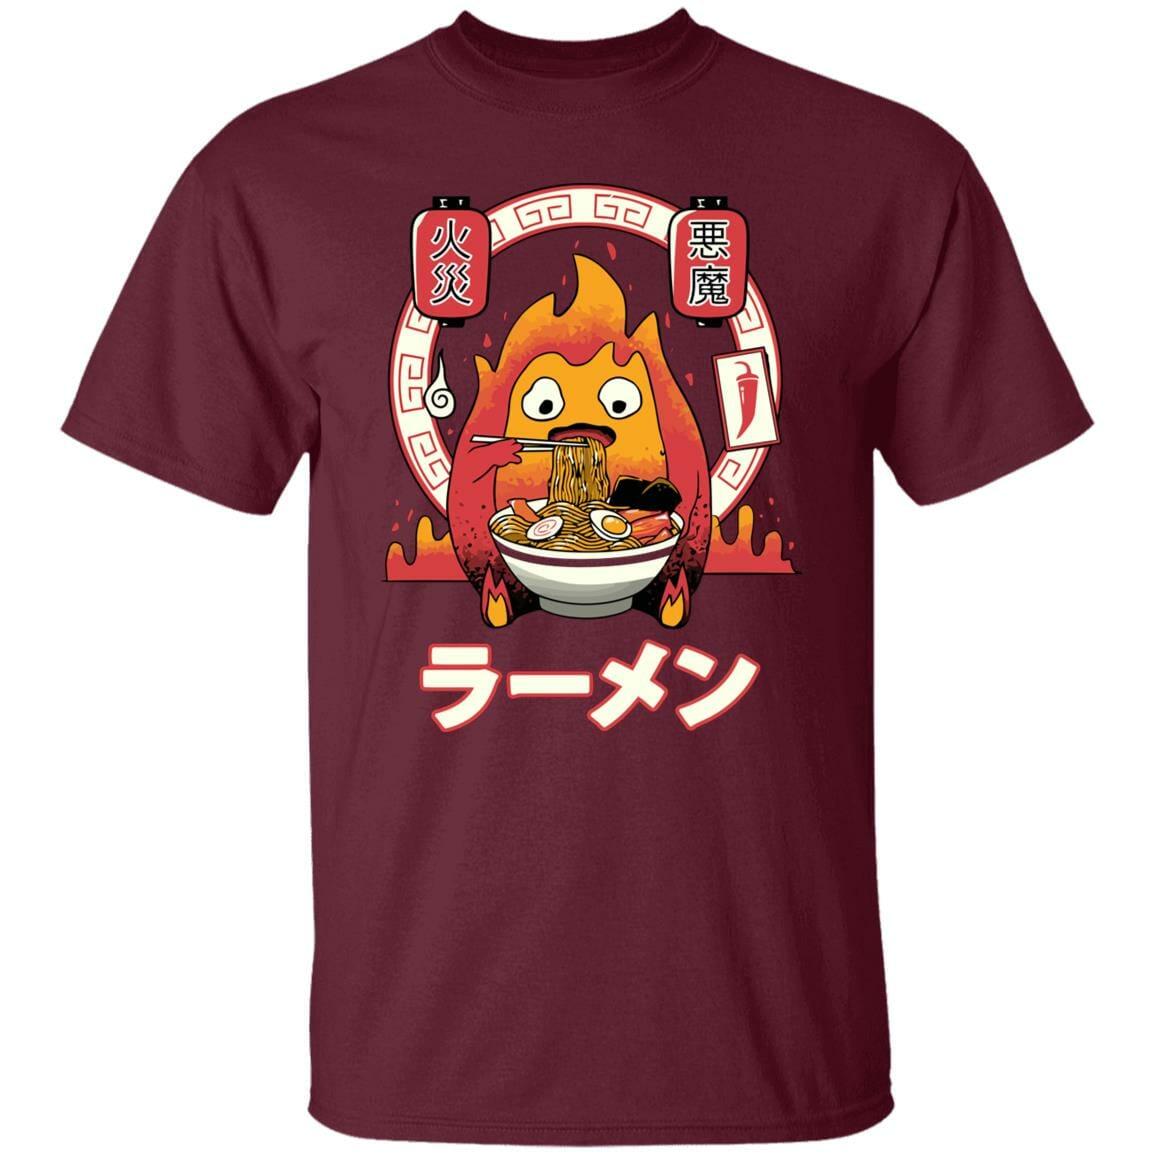 Howl's Moving Castle – Calcifer Loves Ramen T Shirt